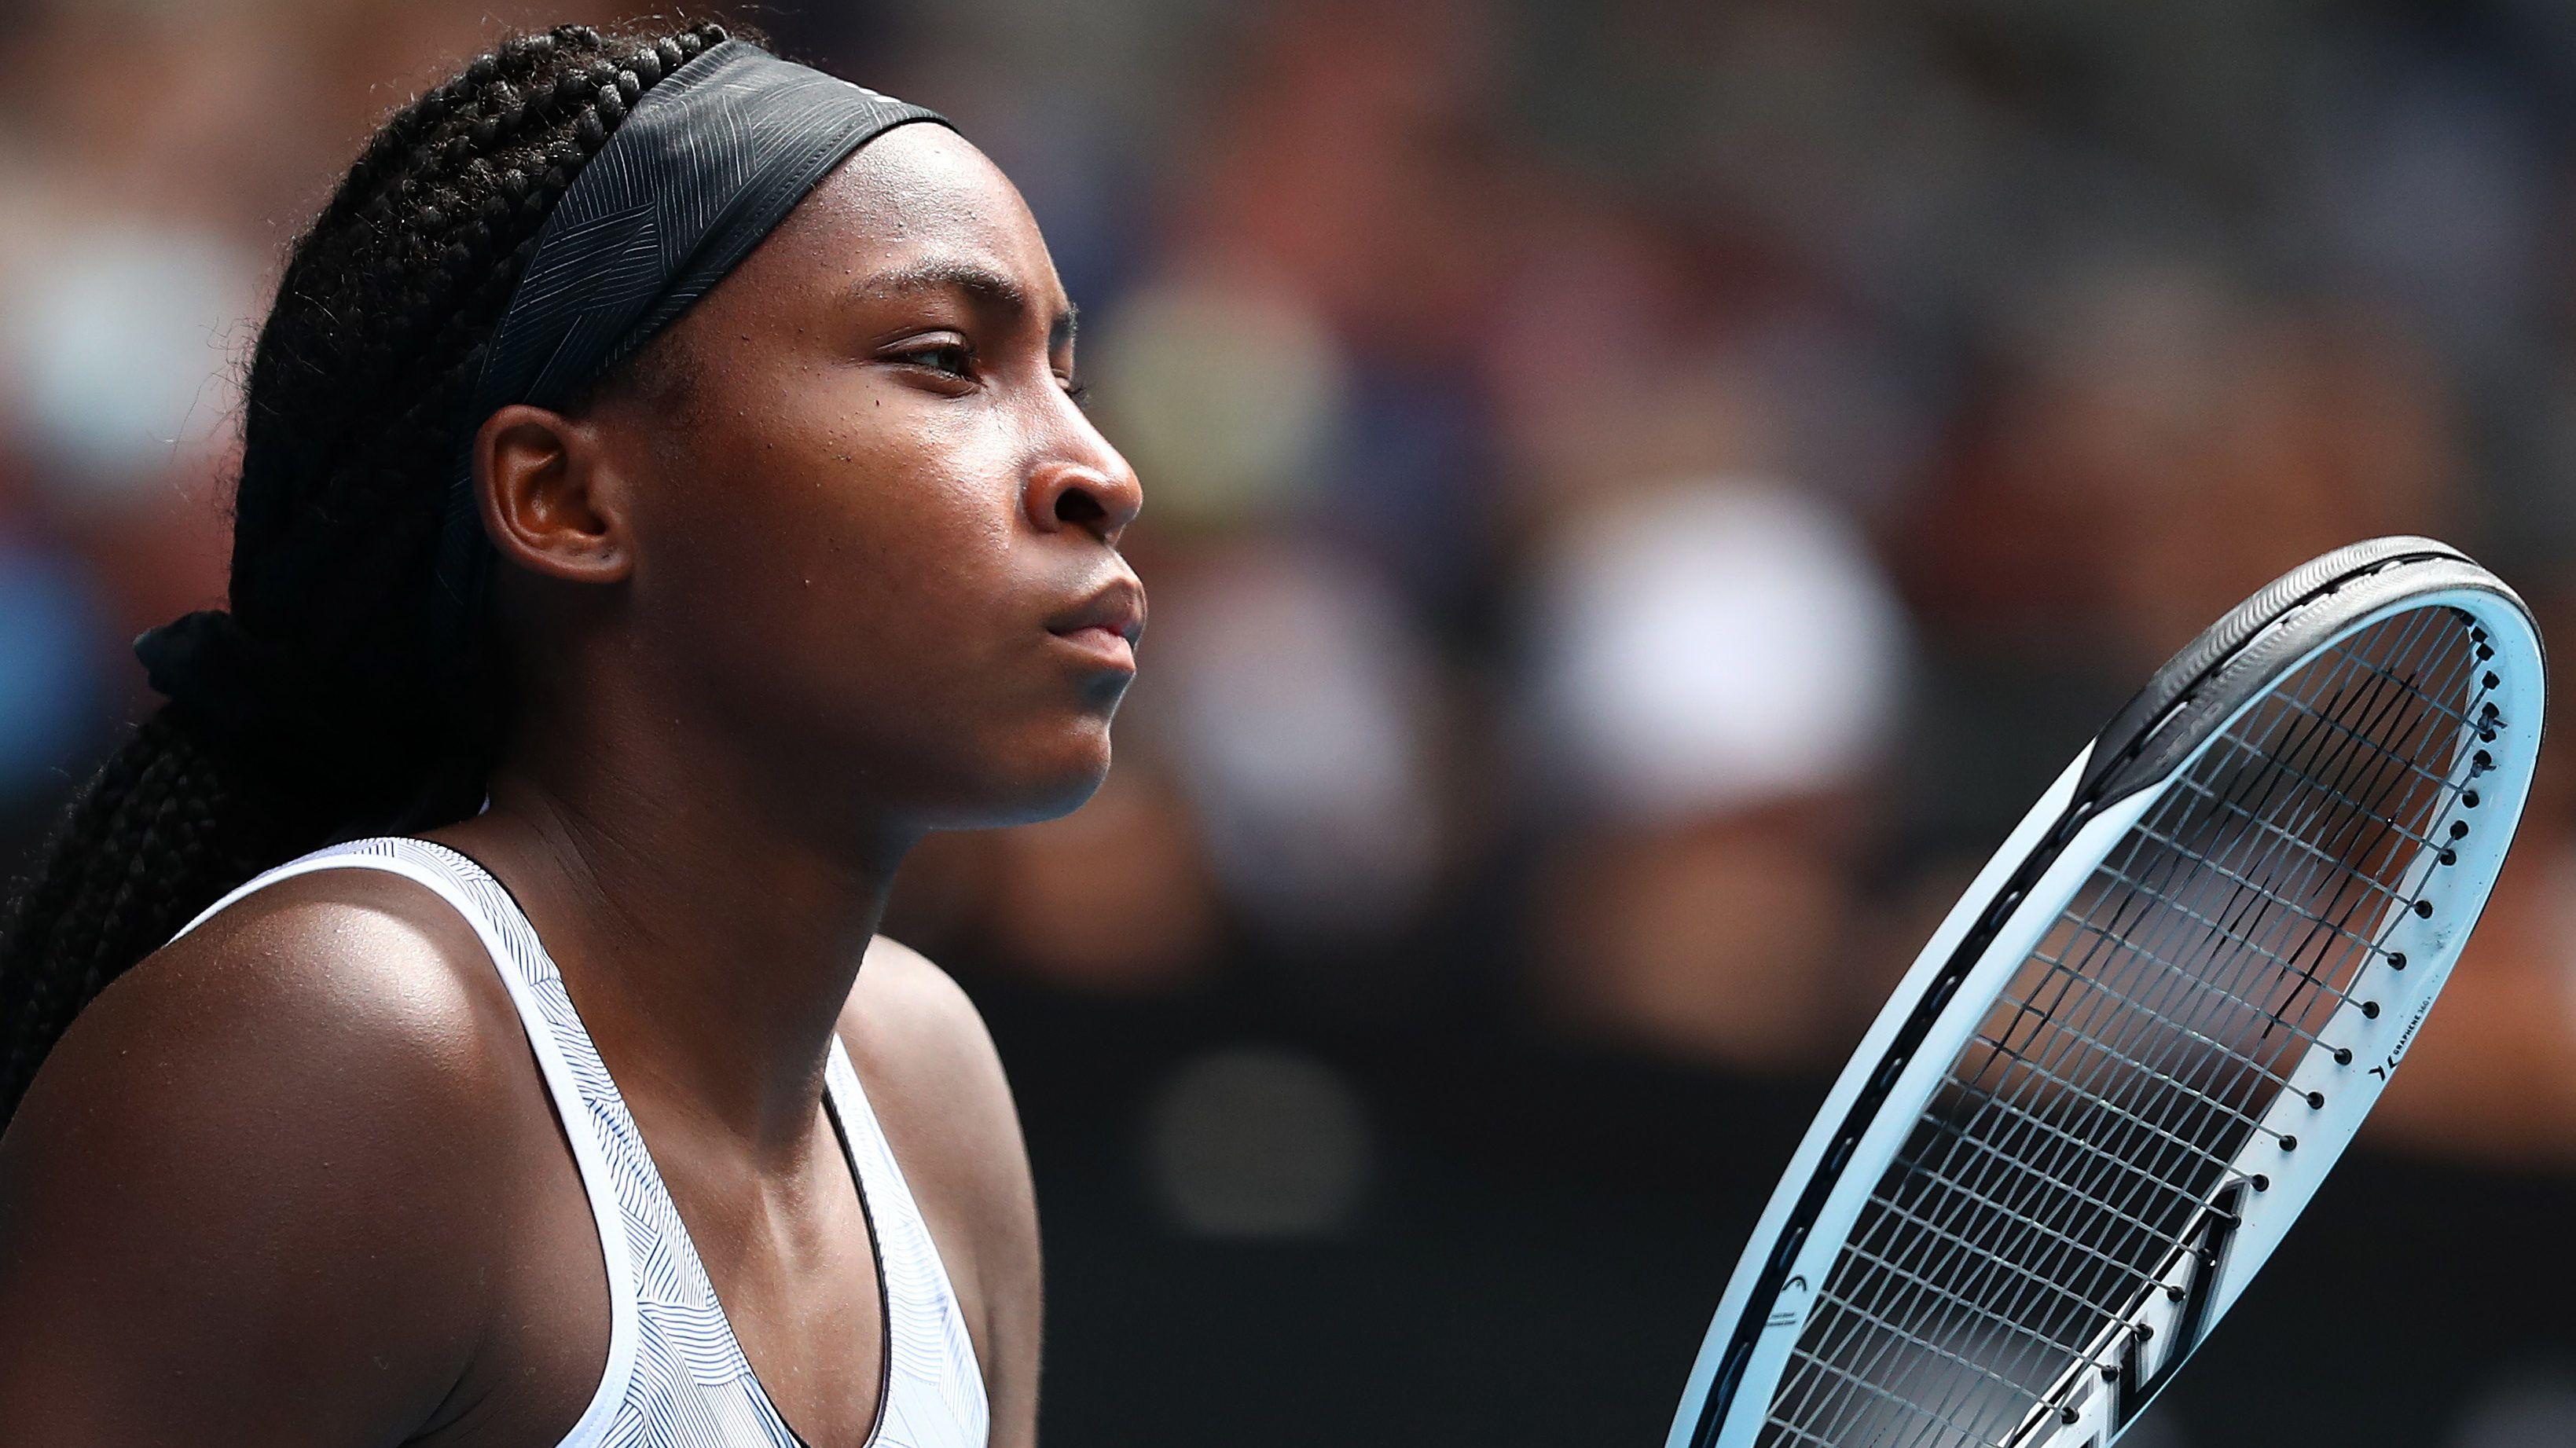 Az amerikai teniszválogatott bedobja a csodatinijét a Fed Kupán